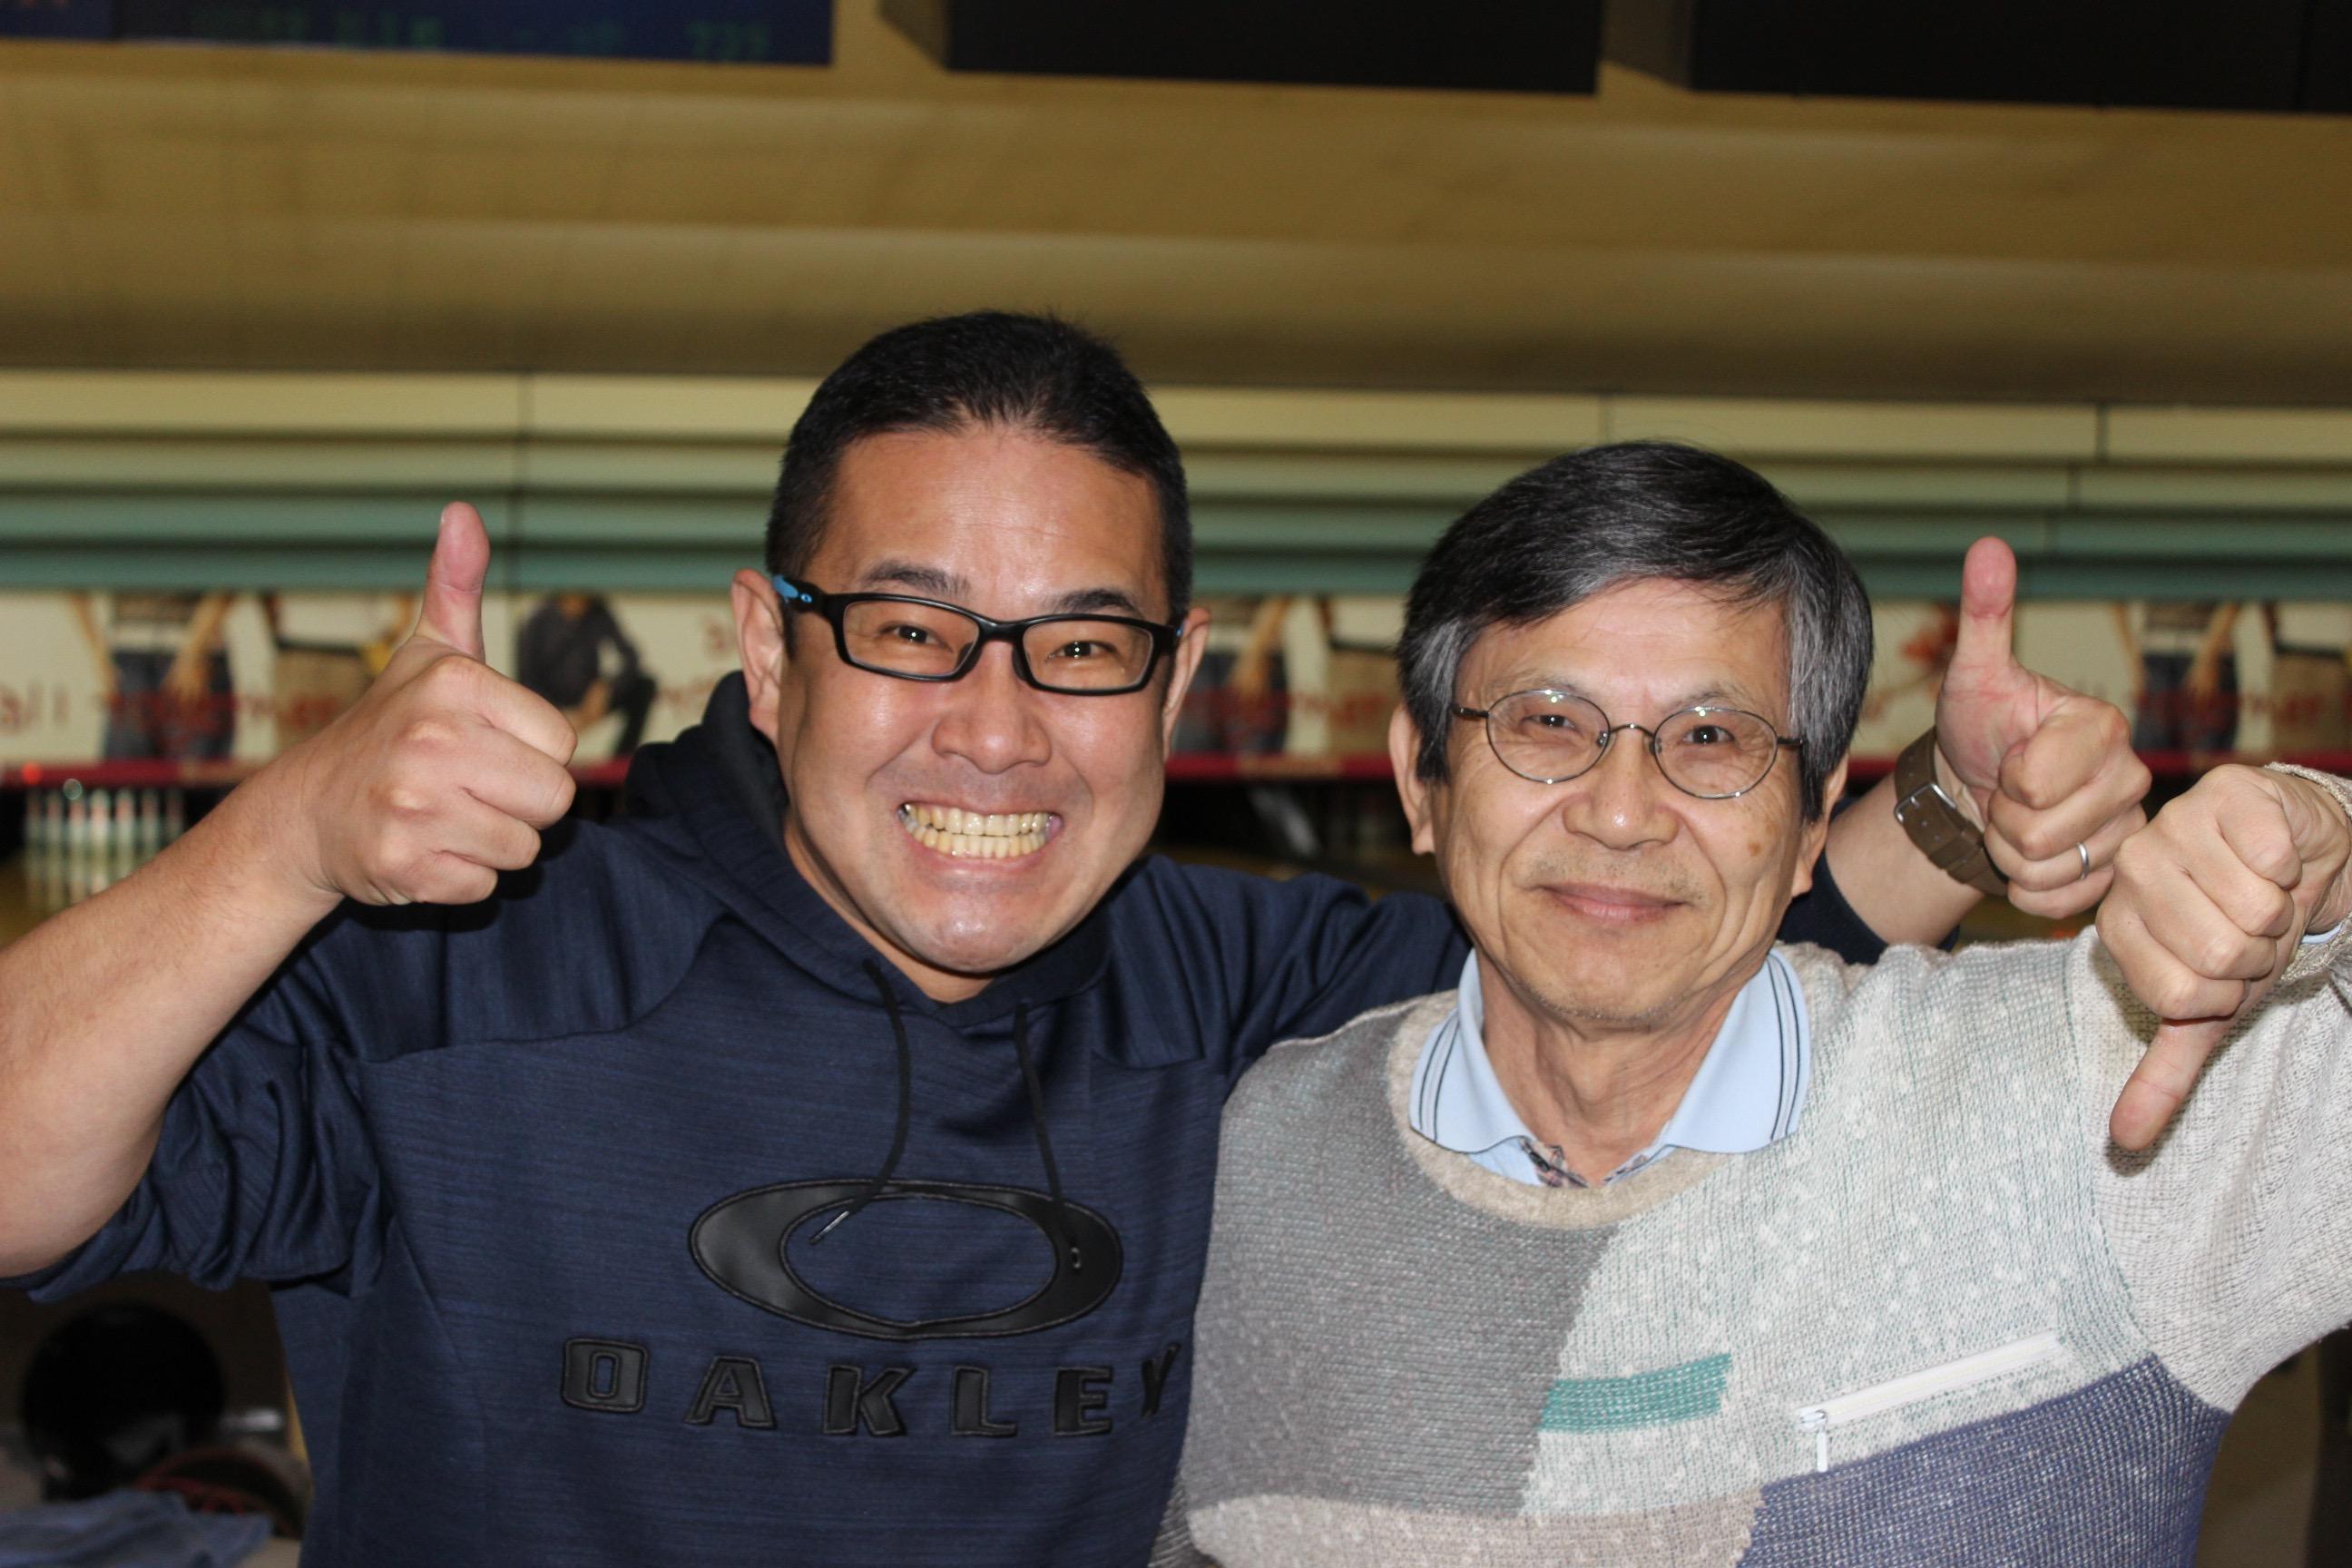 三師会ボーリング大会に参加して来ました。